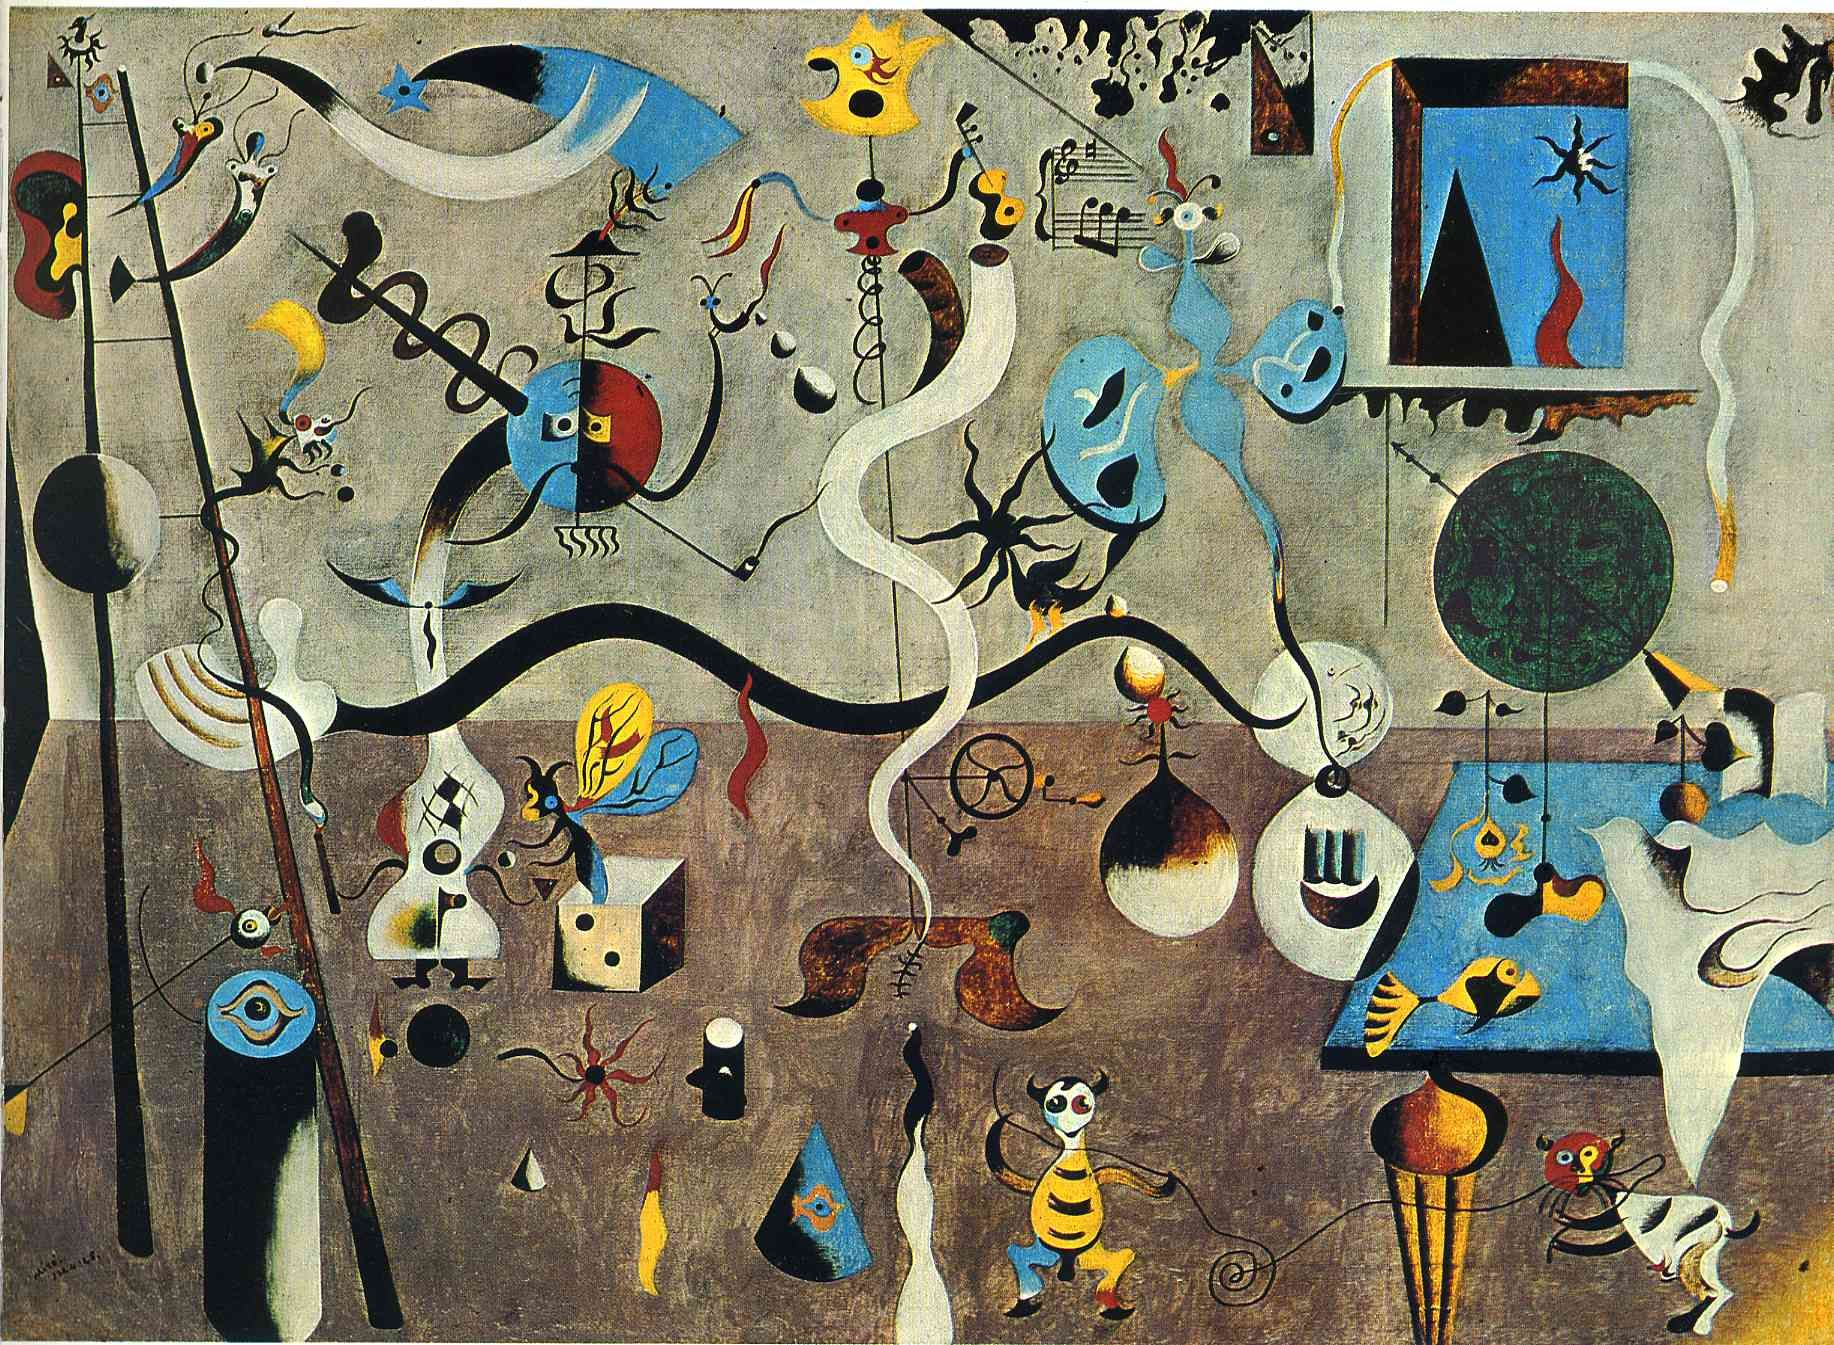 25+ best ideas about Miro paintings on Pinterest | Joan miro, Joan ...